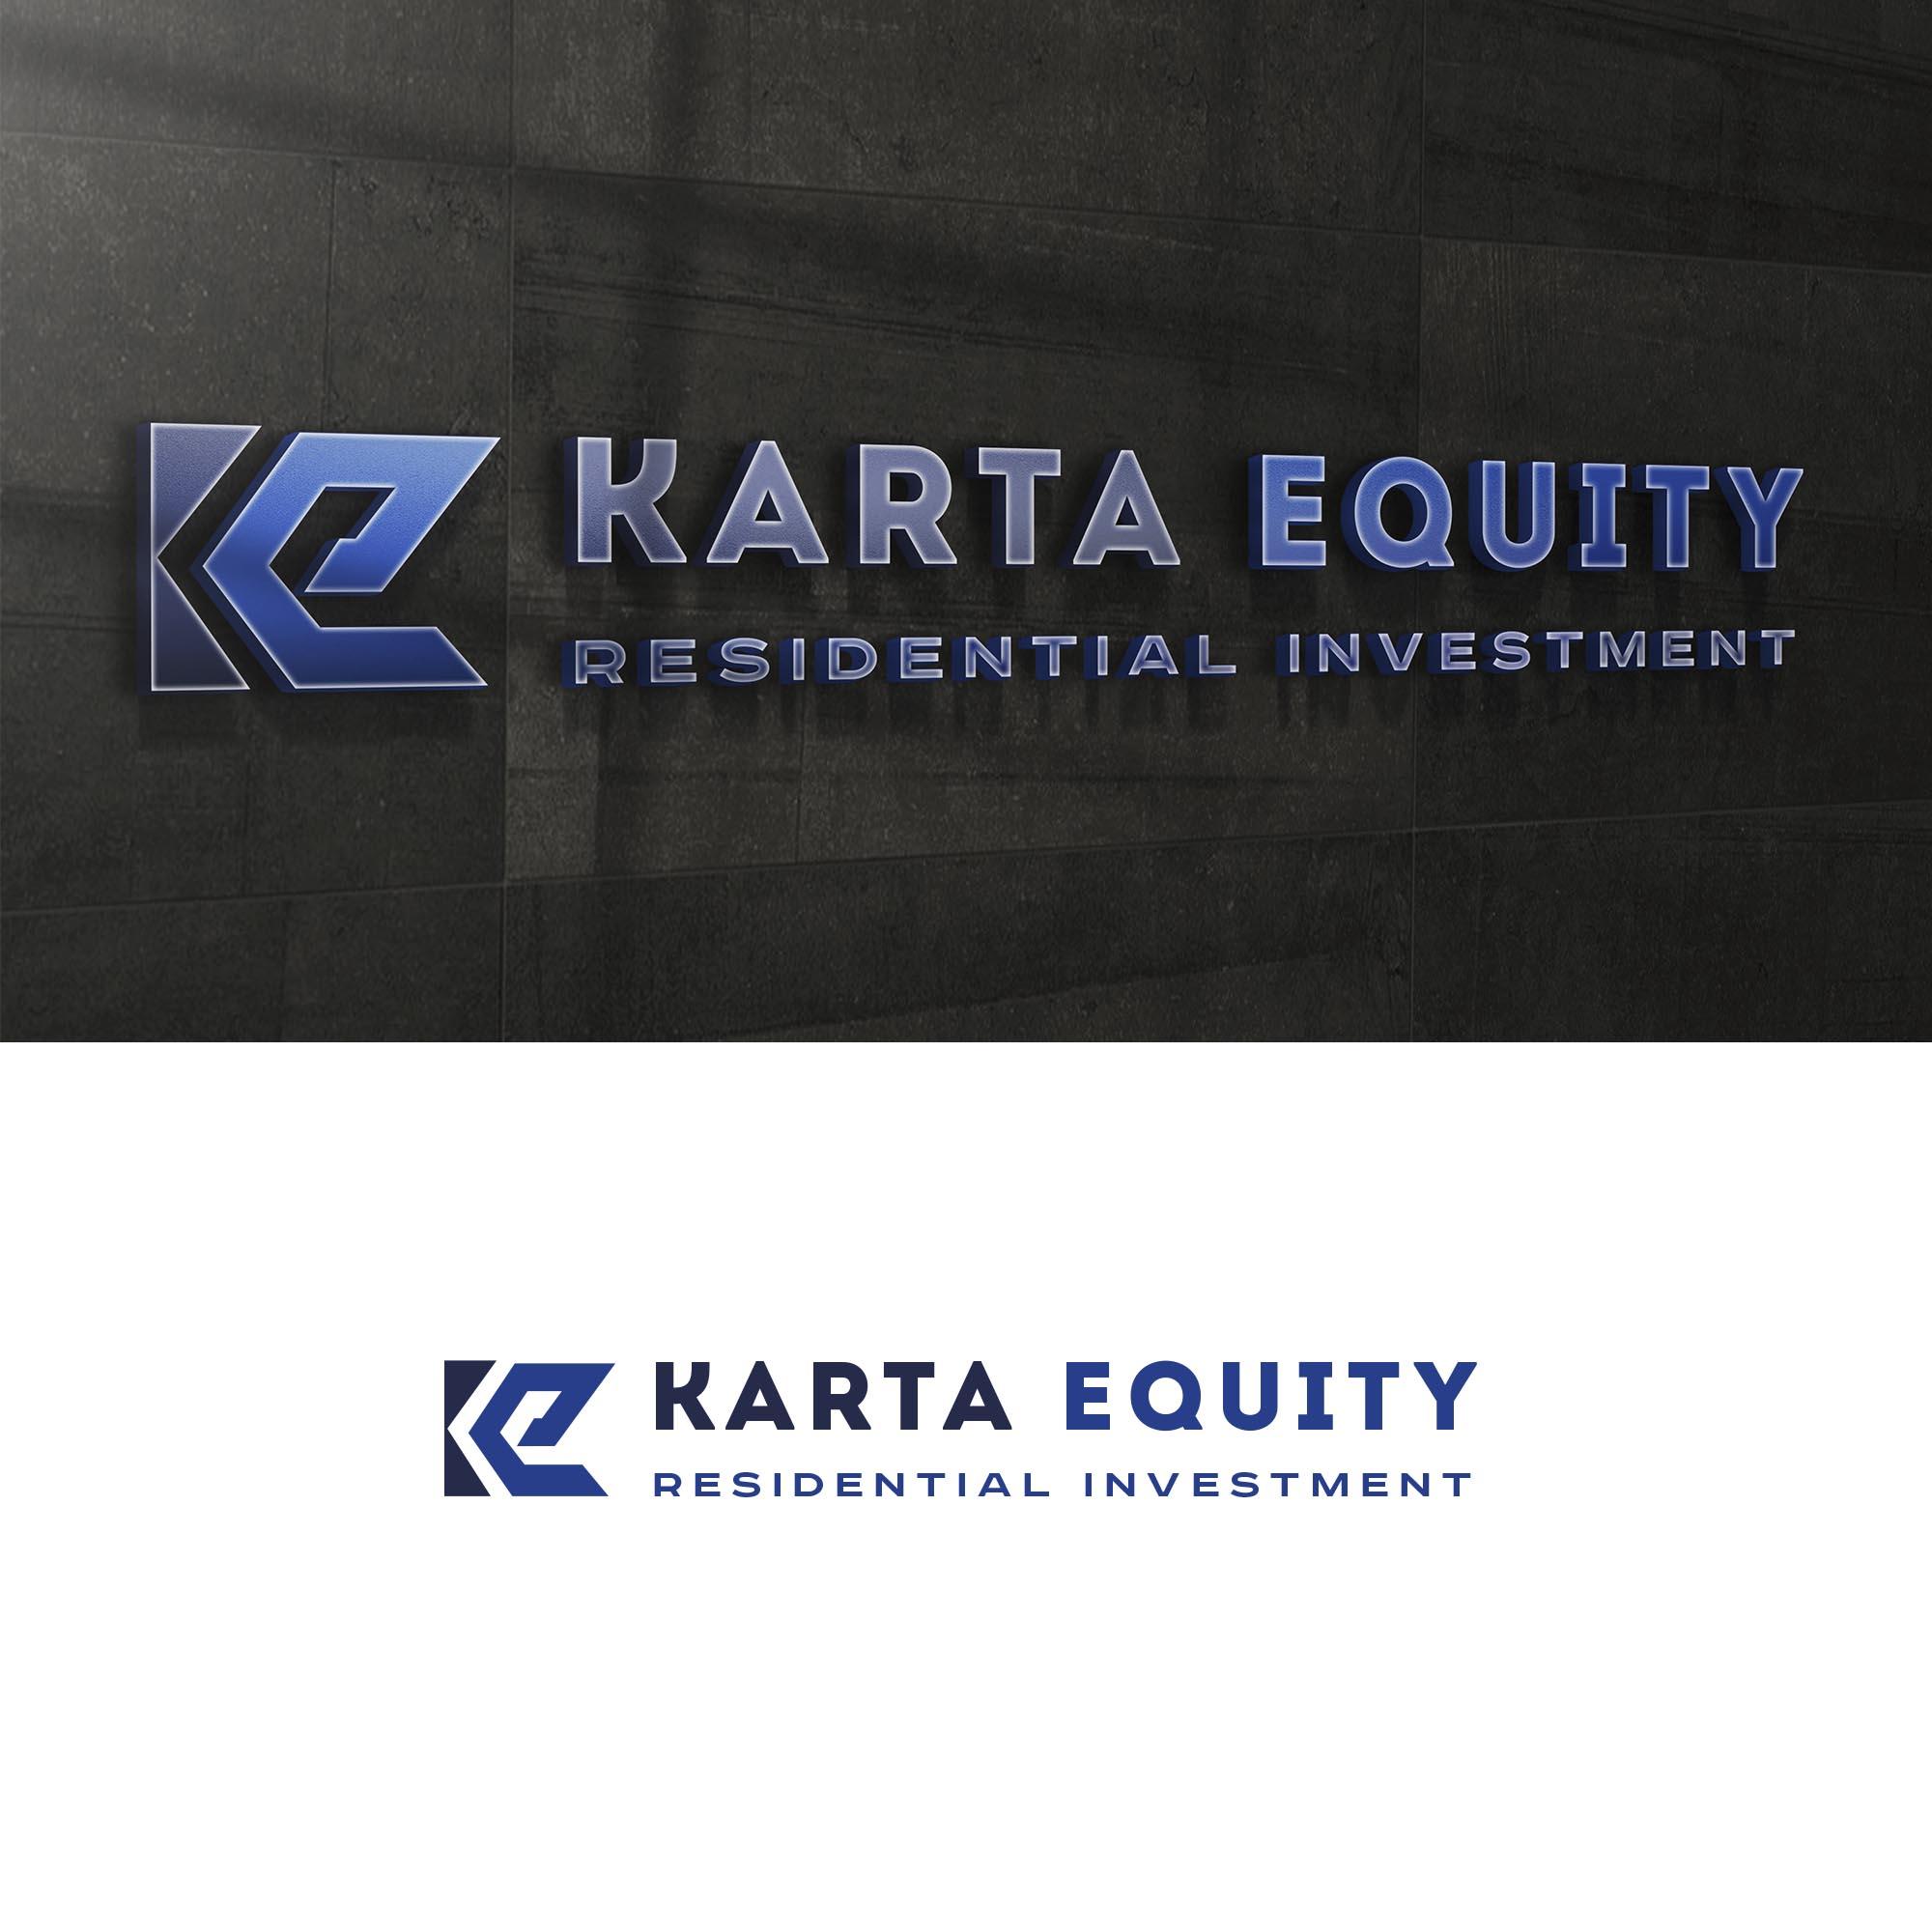 Логотип для компании инвестироваюшей в жилую недвижимость фото f_0135e19edbba4f13.jpg